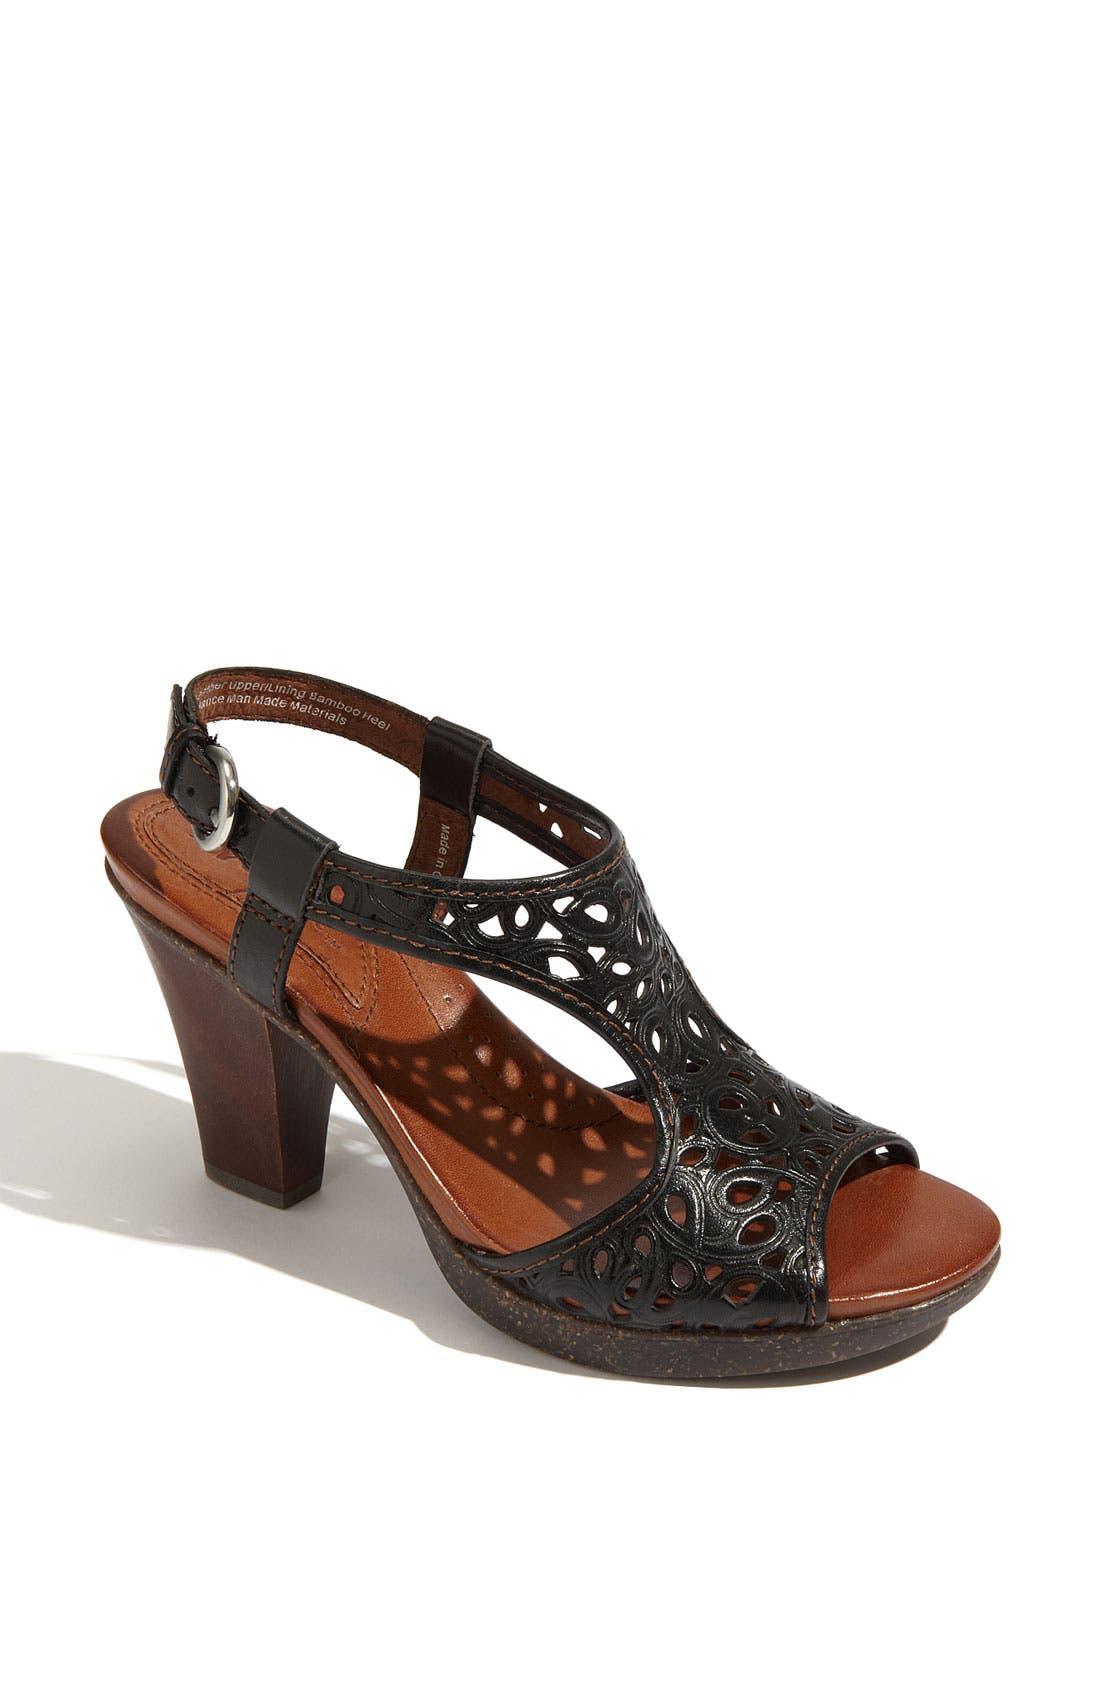 Main Image - Naya 'Alpine' Sandal